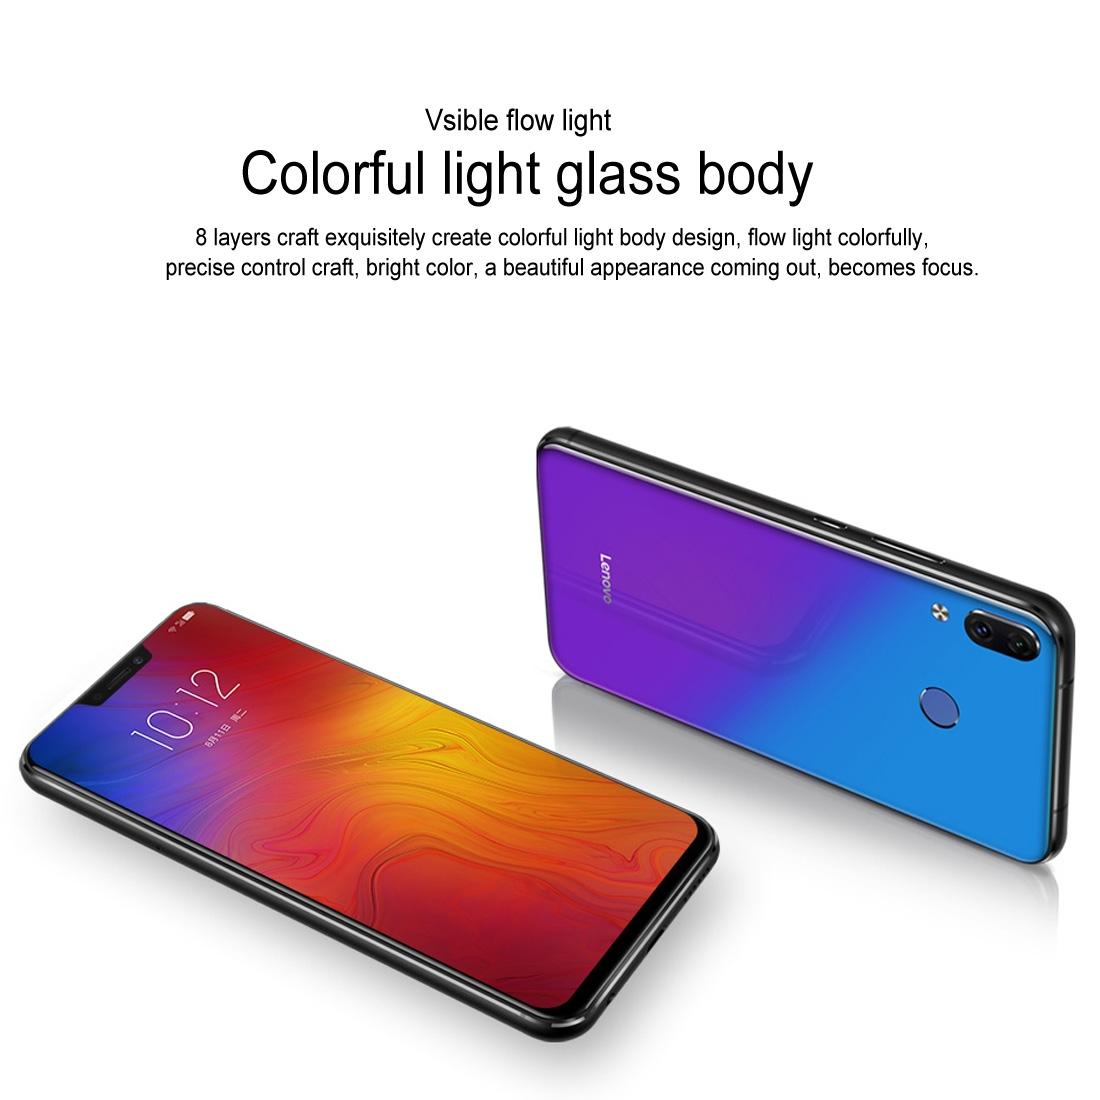 i.ibb.co/fMpbWPD/Smartphone-6-GB-64-GB-Lenovo-Z5-9.jpg